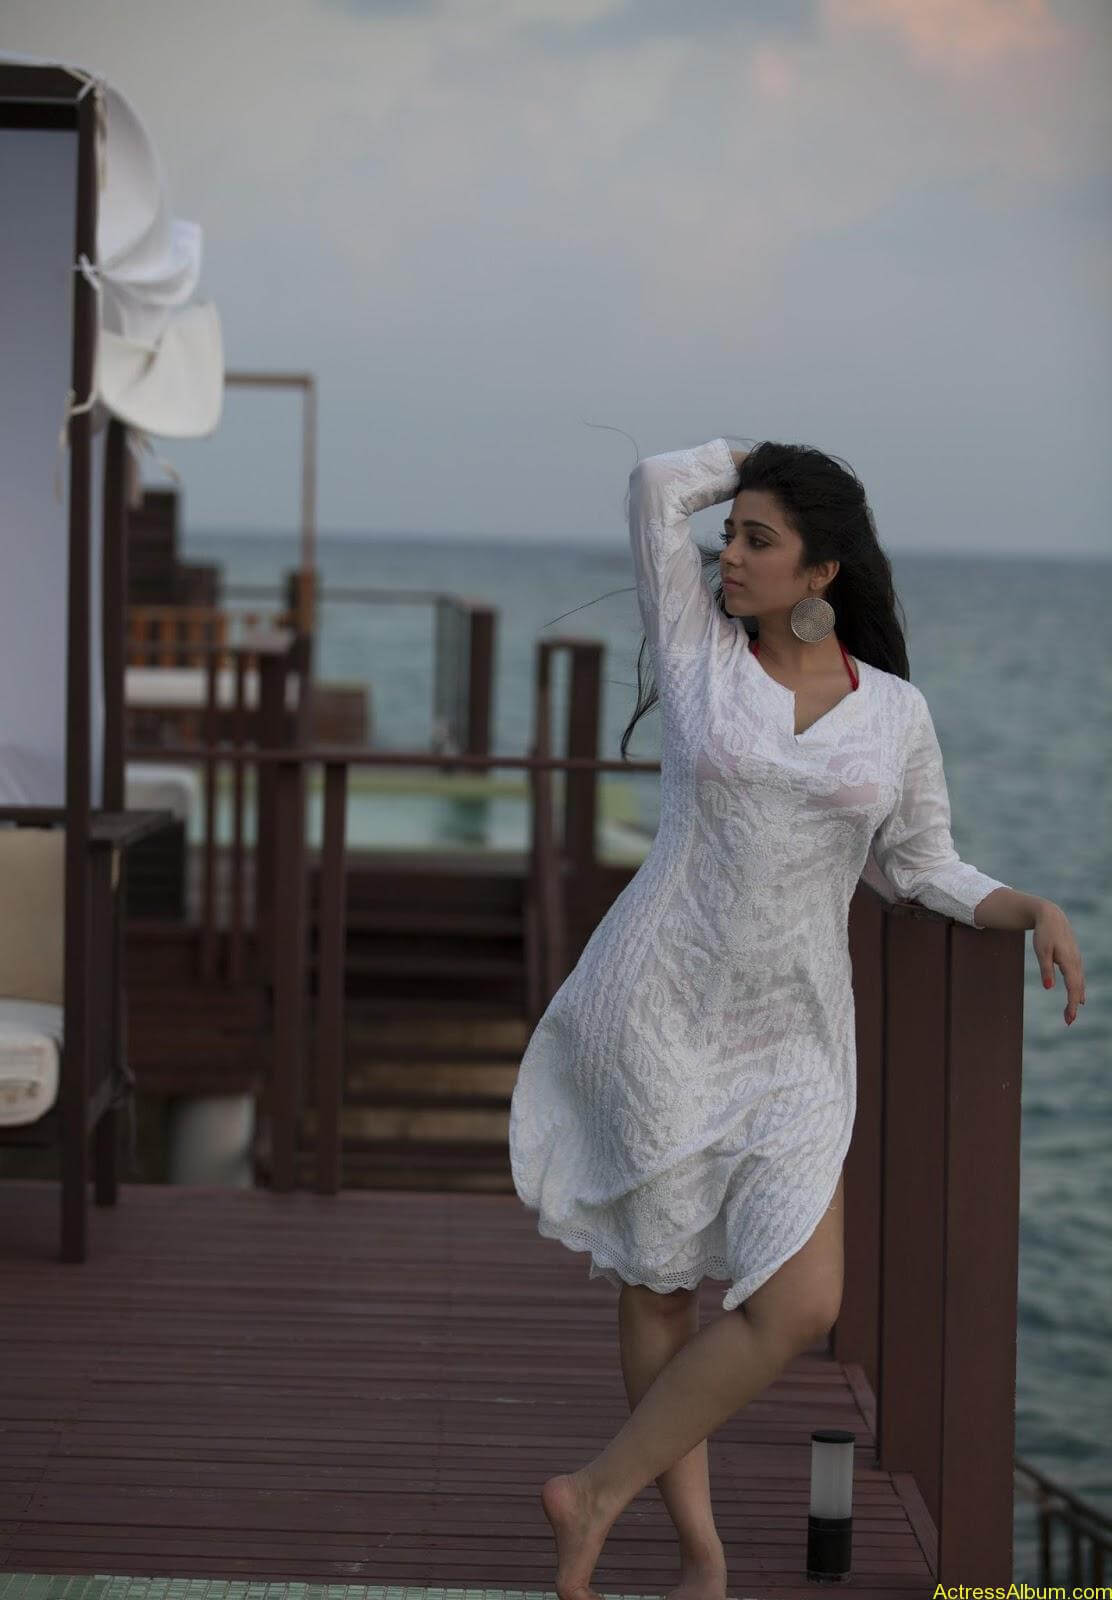 Charmi-kaur-latest-photoshoot-in-beach-1